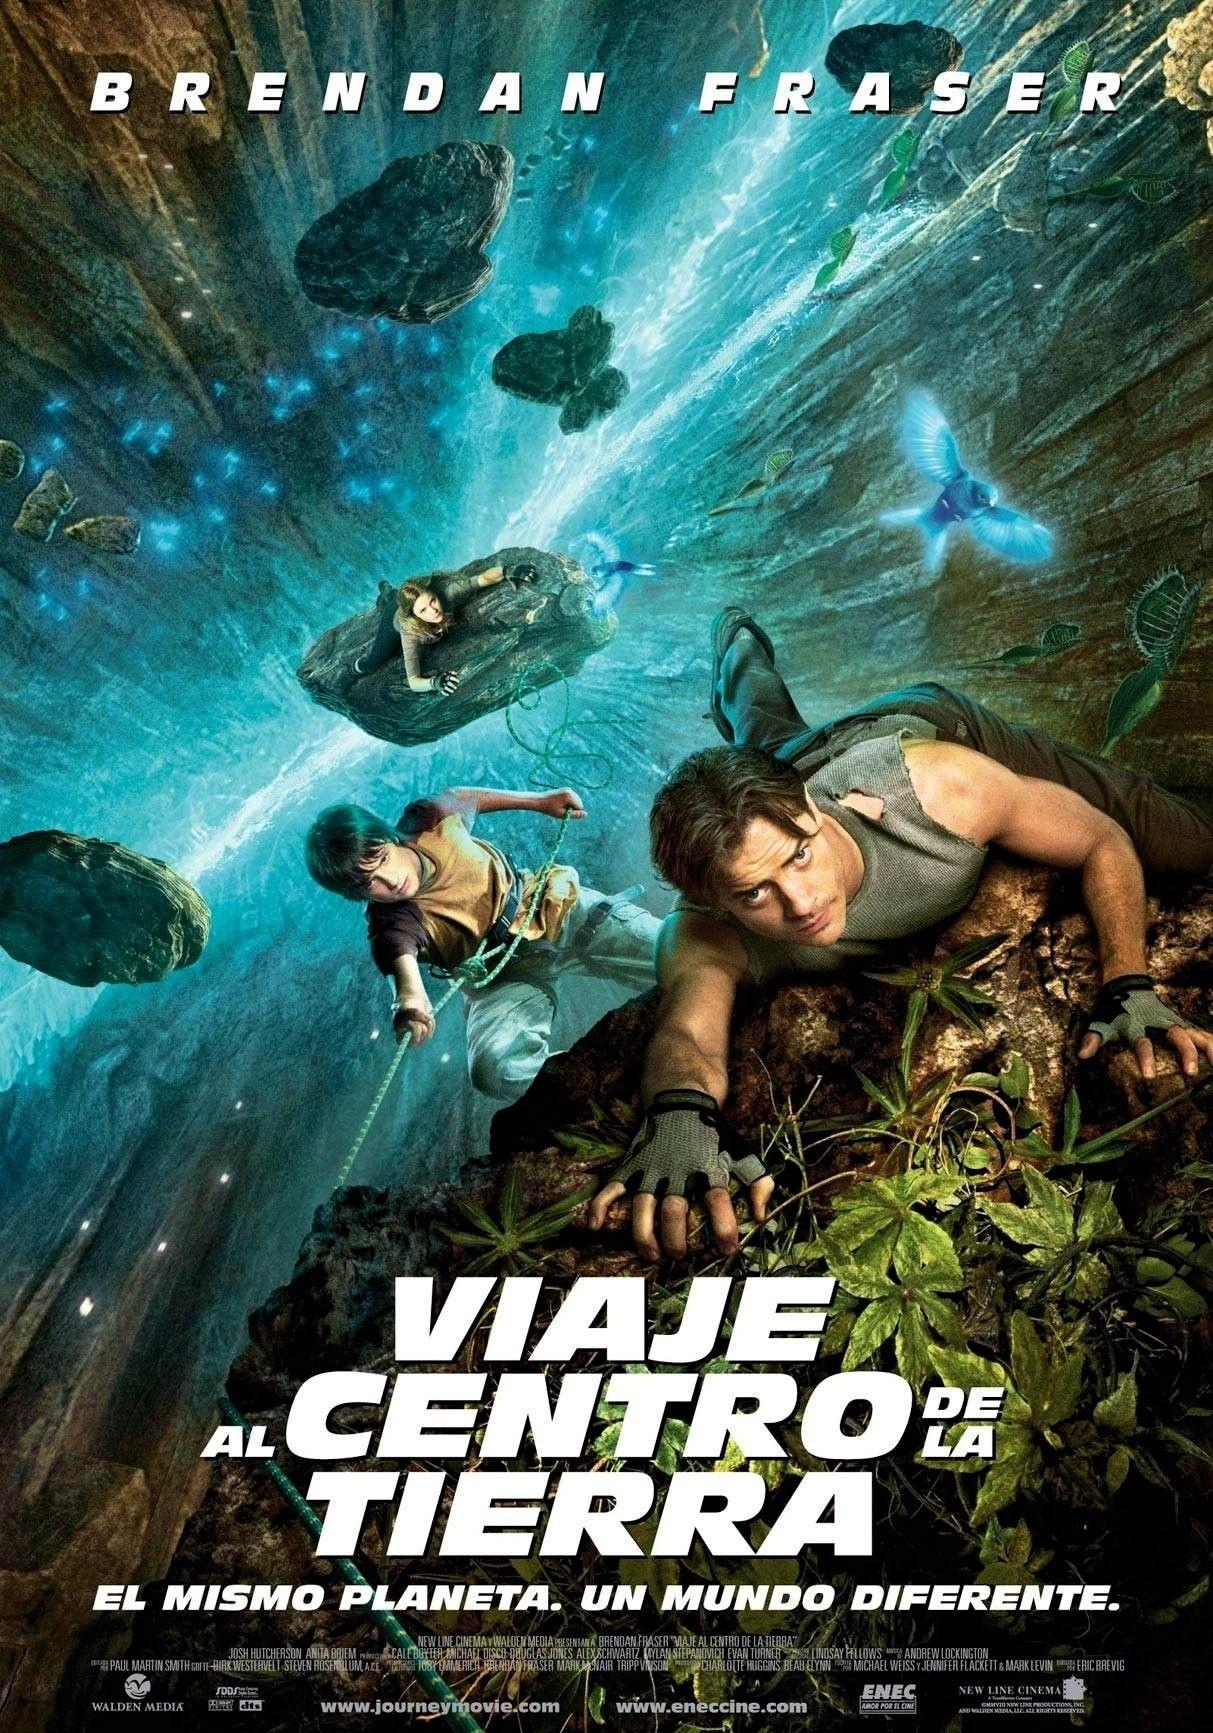 Ver Viaje Al Centro De La Tierra Online Gratis 2008 Hd Película Completa Español Earth Movie Adventure Movies Family Movies